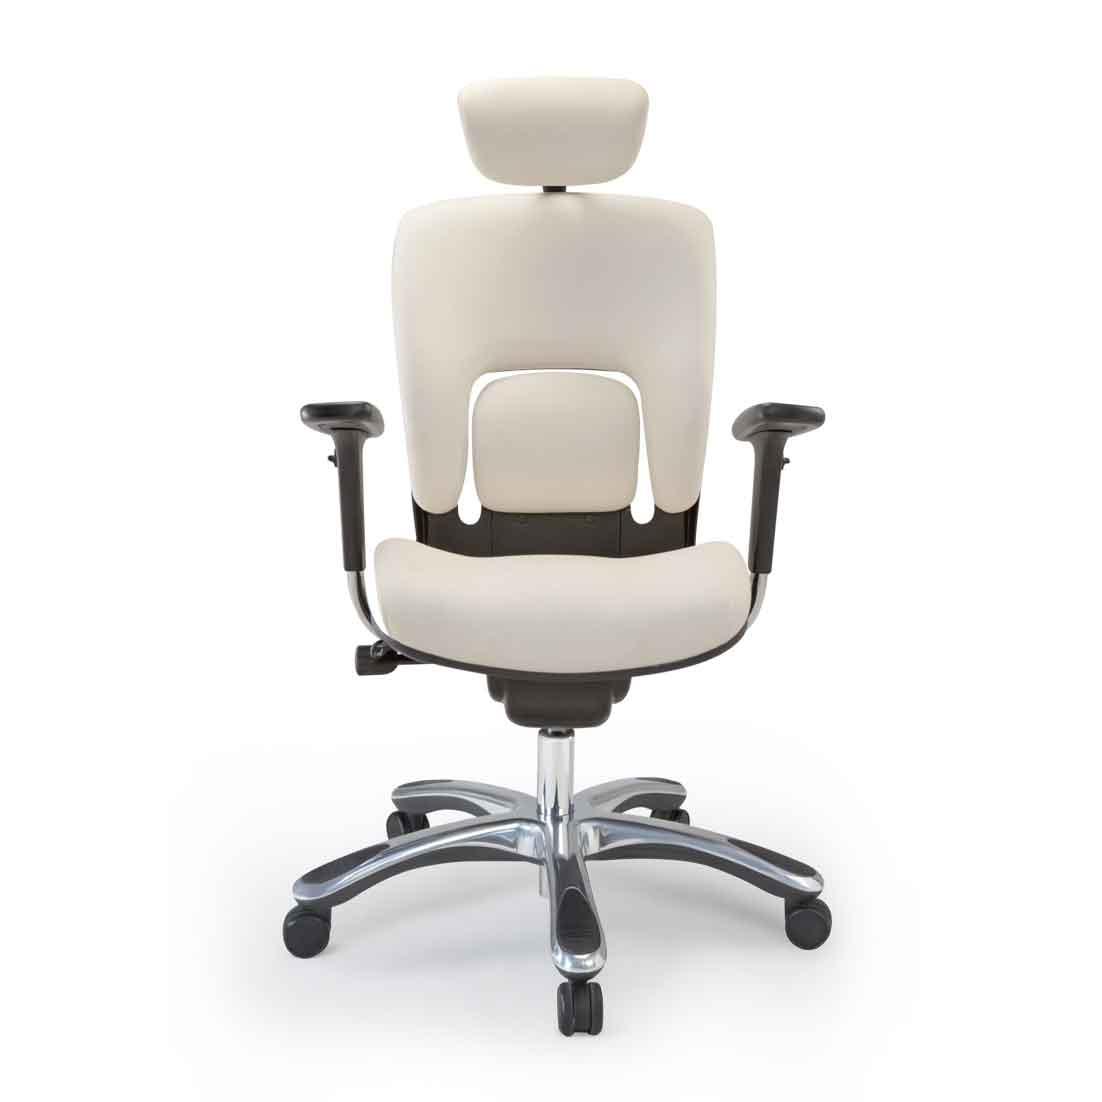 Silla gerencial taurus al 2000l grupo meta soluciones for Muebles y sillas para oficina